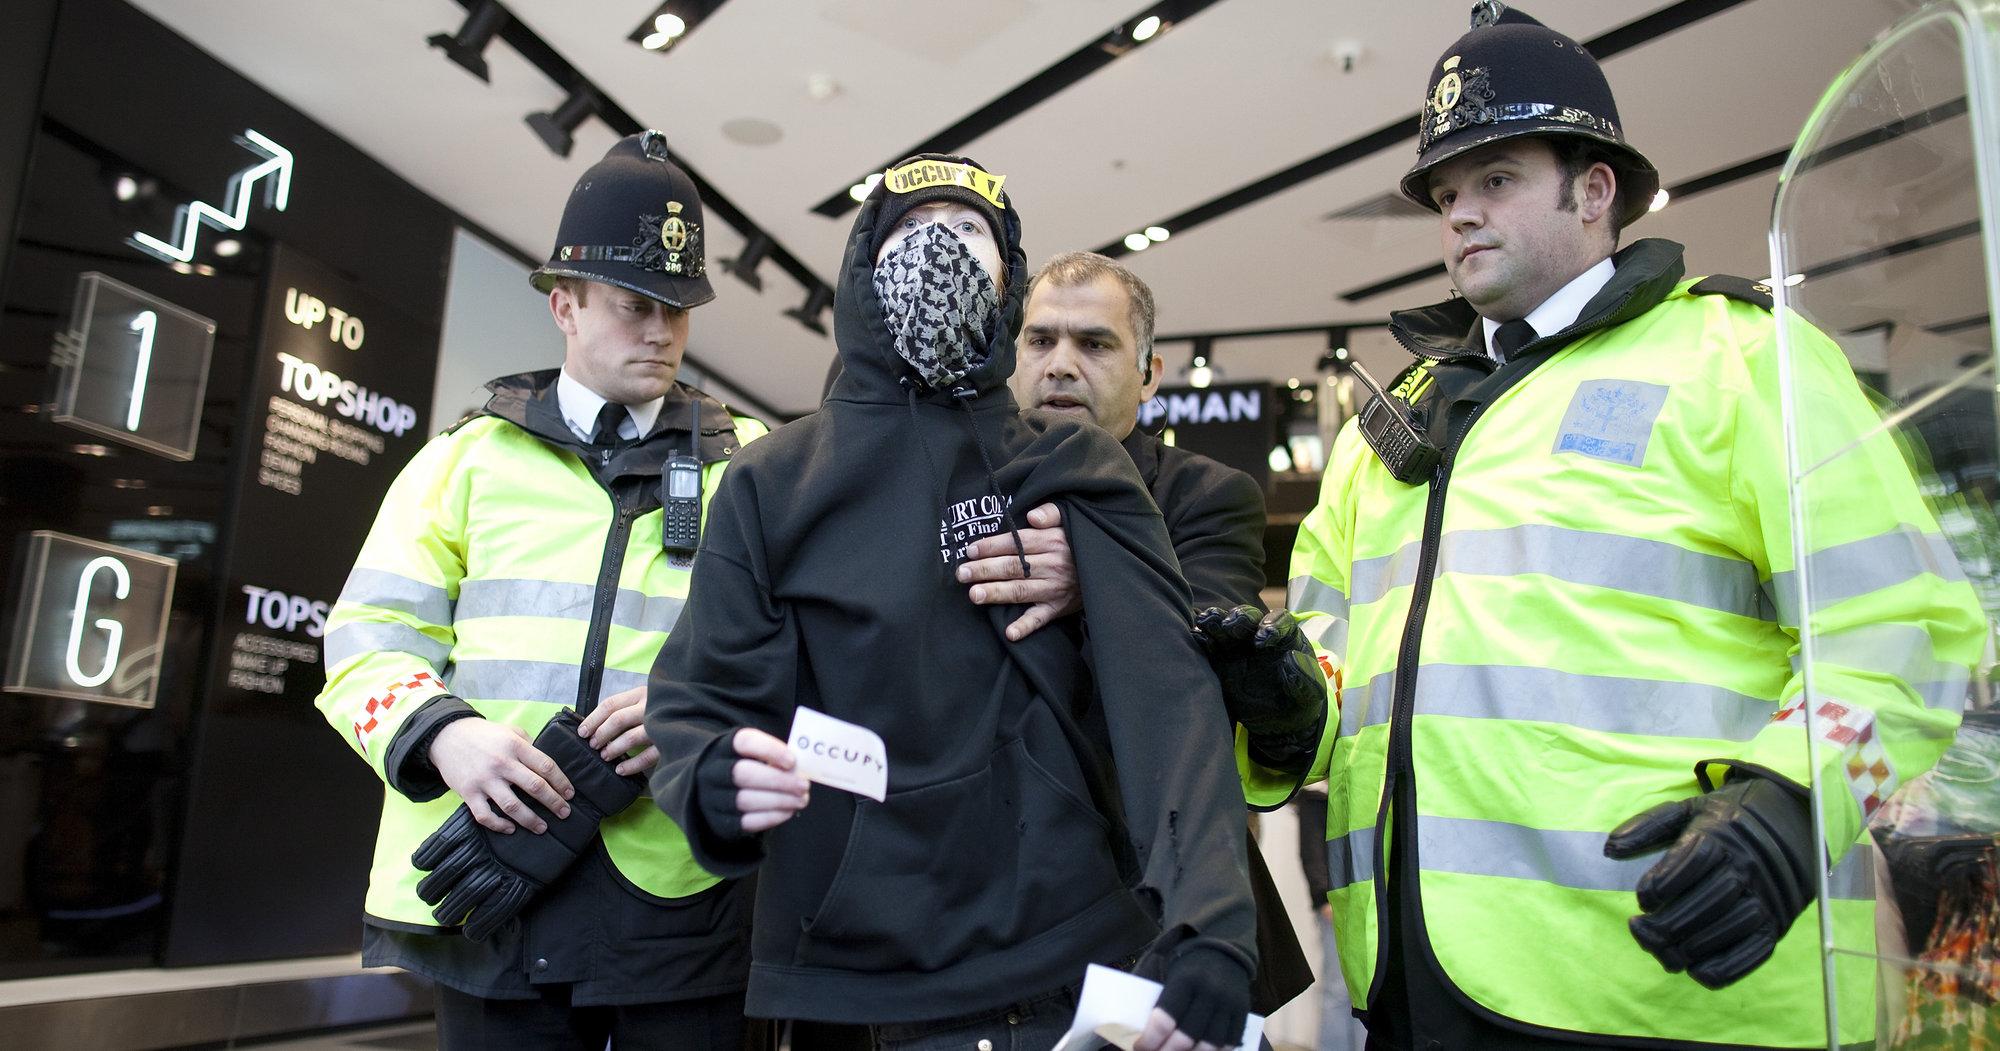 Nå blir det lettere for britisk politi å sjekke innholdet på telefonen til mistenkte personer. (Bildet er tatt under en demonstrasjon tidligere i år, og er bare ment som illustrasjon)